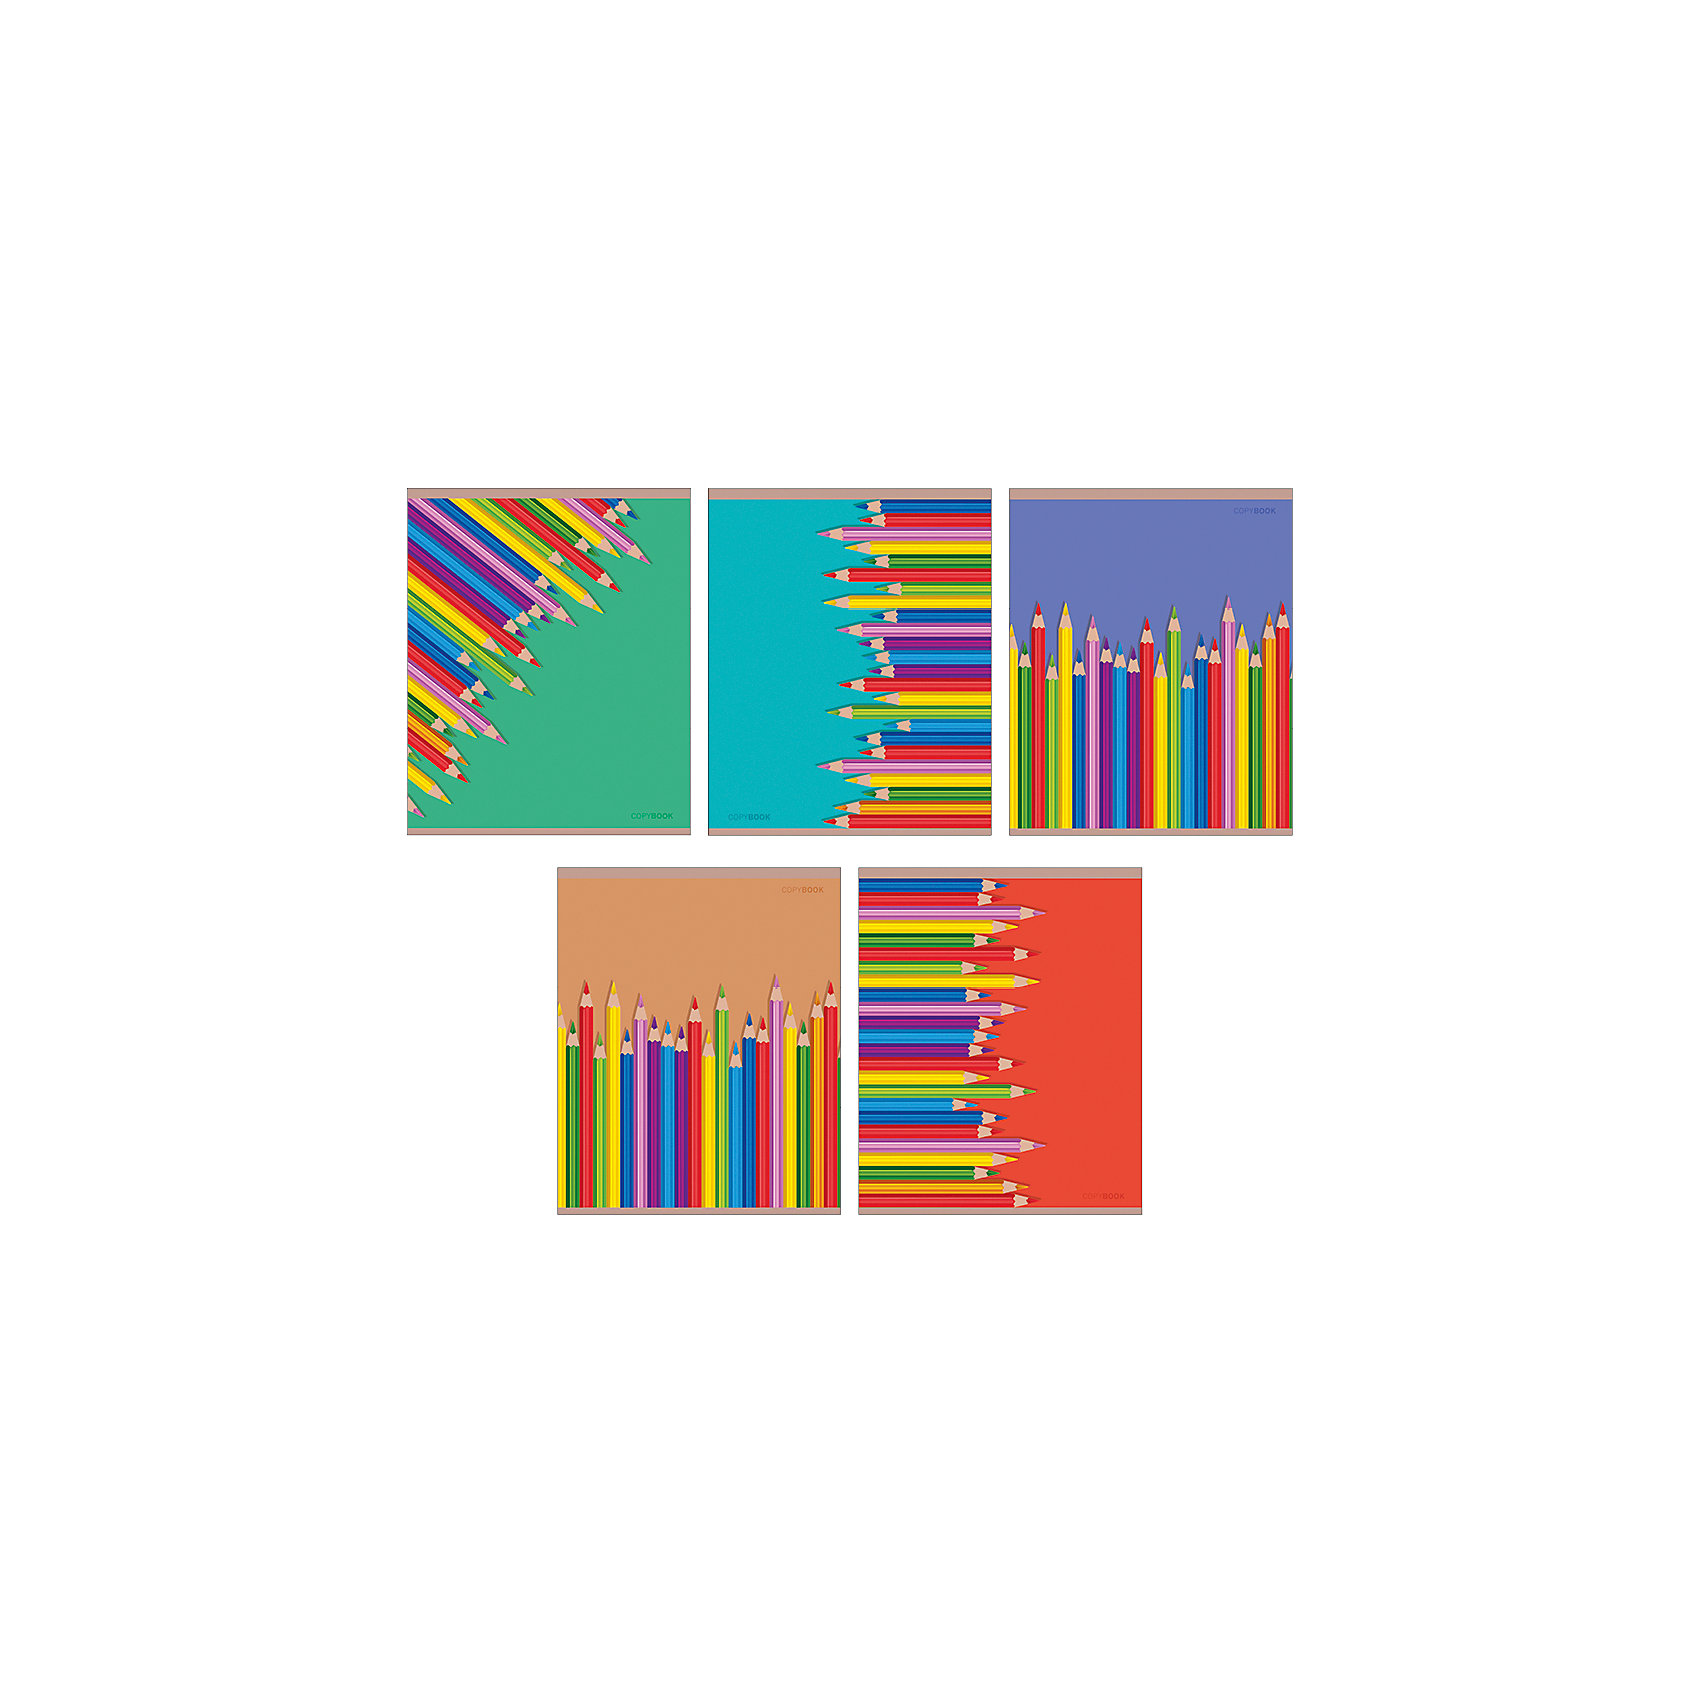 Комплект тетрадей Цветные карандаши (10 шт), 48 листов, Канц-ЭксмоХарактеристики комплекта тетрадей Цветные карандаши:<br><br>• размеры: 20.2х16.3х3.5 см<br>• количество листов: 48 шт.<br>• разлиновка: клетка<br>• формат: А 5 <br>• комплектация: тетрадь<br>• бумага: офсет, плотностью 60 г/м2.<br>• обложка: мелованный картон, выборочный лак.<br>• бренд: Канц-Эксмо<br>• страна бренда: Россия<br>• страна производителя: Россия<br><br>Комплект тетрадей Цветные карандаши от производителя Канц-Эксмо выполнен в формате А5. Количество листов 48, тетради в клетку с полями. Крепление: скрепка. Обложка у изделий плотная - мелованный картон, выборочный лак <br><br>Комплект тетрадей Цветные карандаши от производителя Канц-Эксмо можно купить в нашем интернет-магазине.<br><br>Ширина мм: 202<br>Глубина мм: 163<br>Высота мм: 40<br>Вес г: 103<br>Возраст от месяцев: 72<br>Возраст до месяцев: 2147483647<br>Пол: Унисекс<br>Возраст: Детский<br>SKU: 5448410